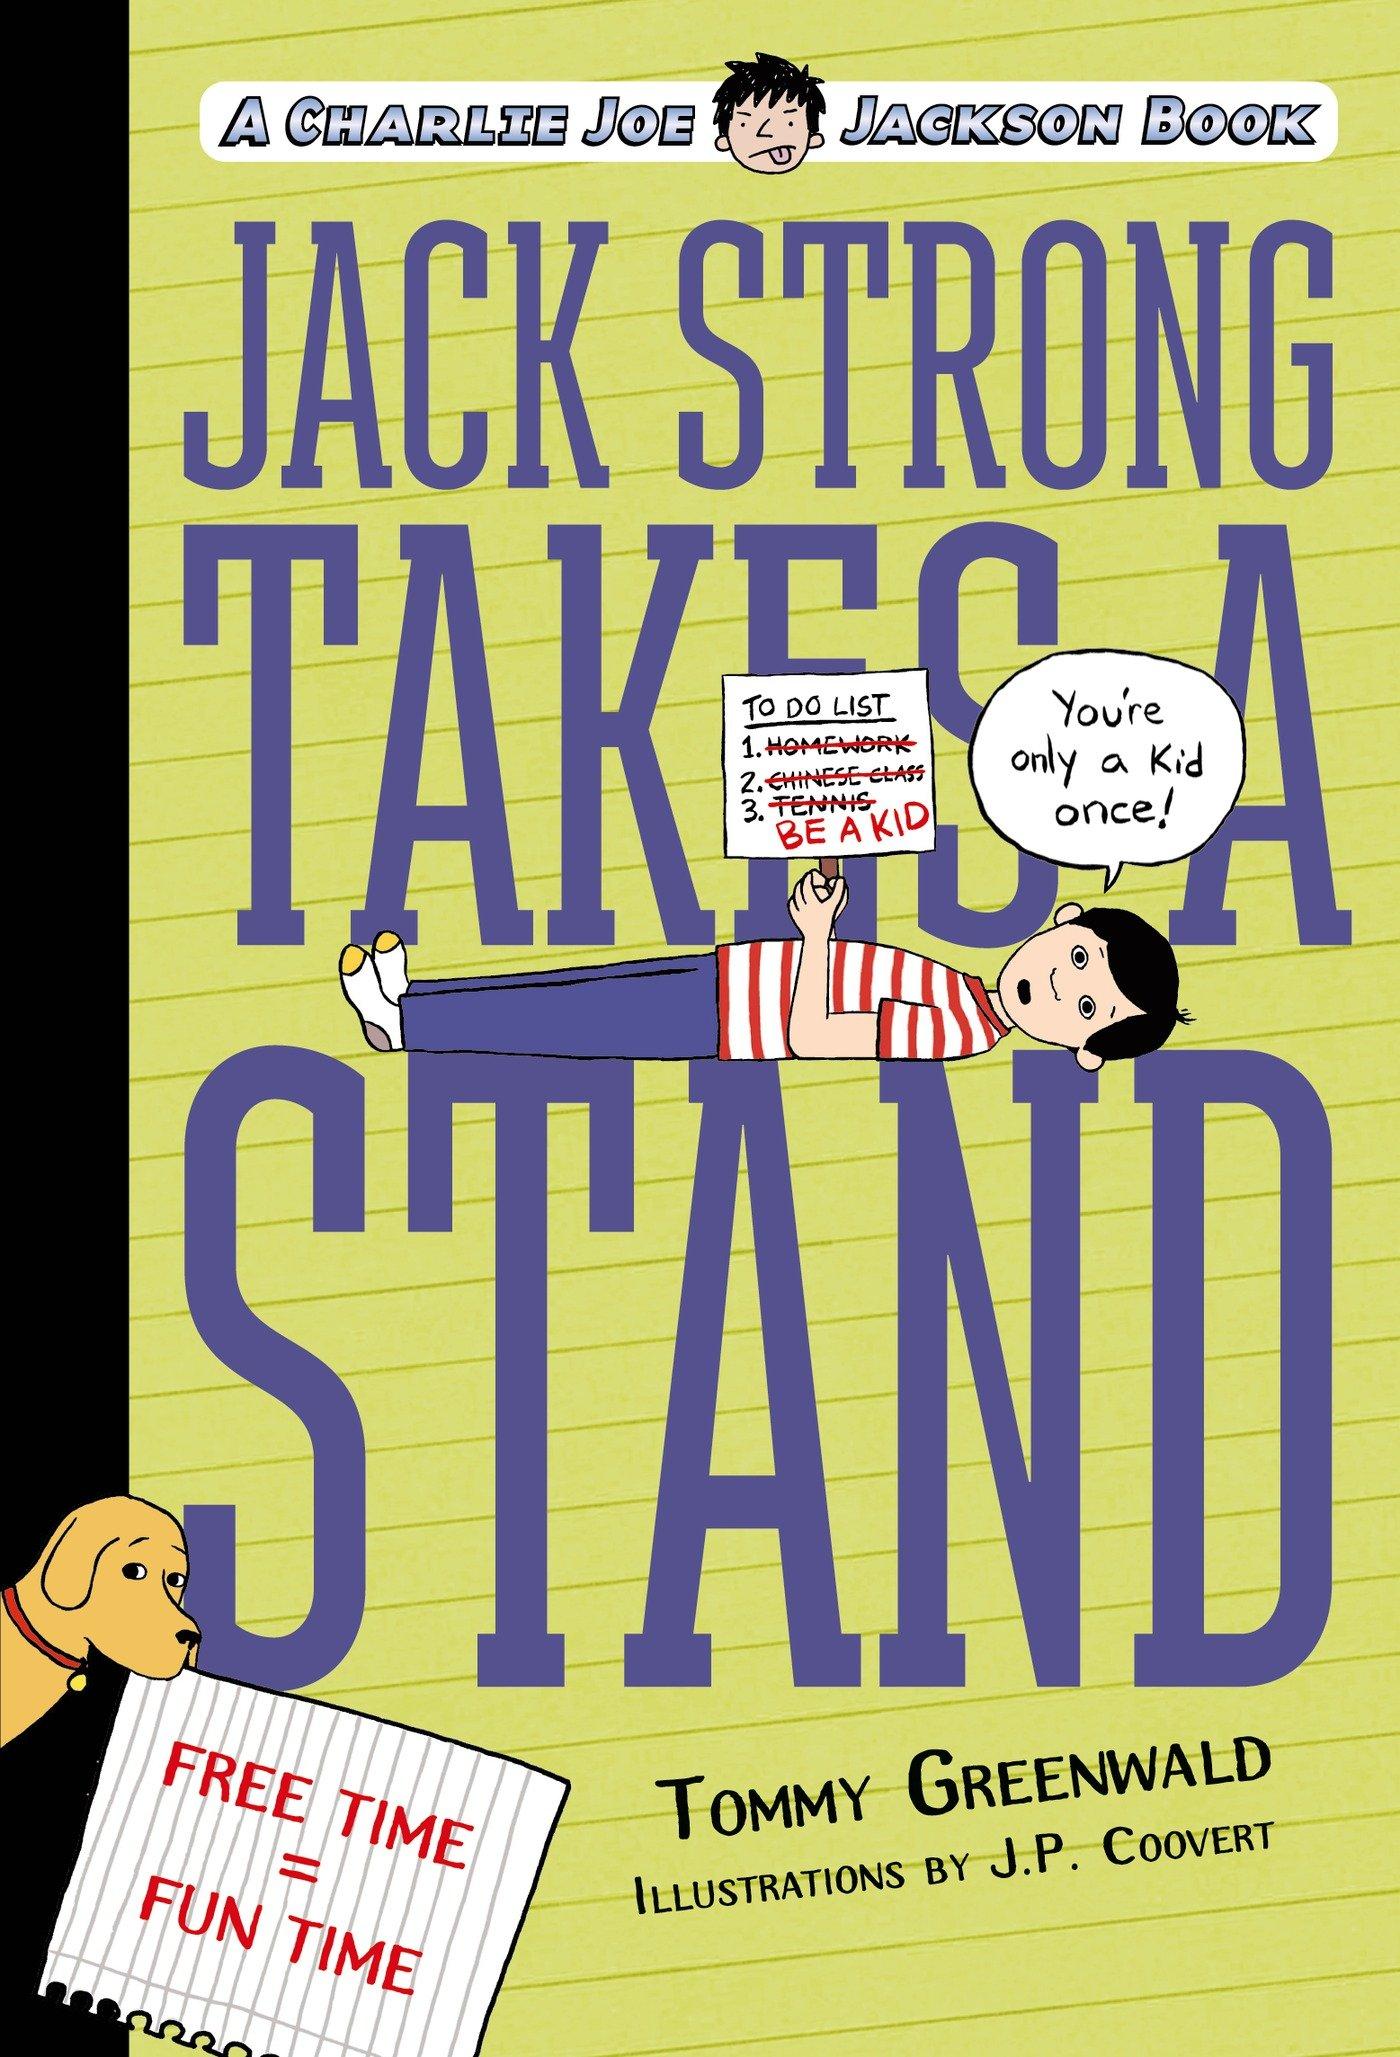 Jack Strong Takes a Stand: A Charlie Joe Jackson Book (Charlie Joe Jackson Series) ebook